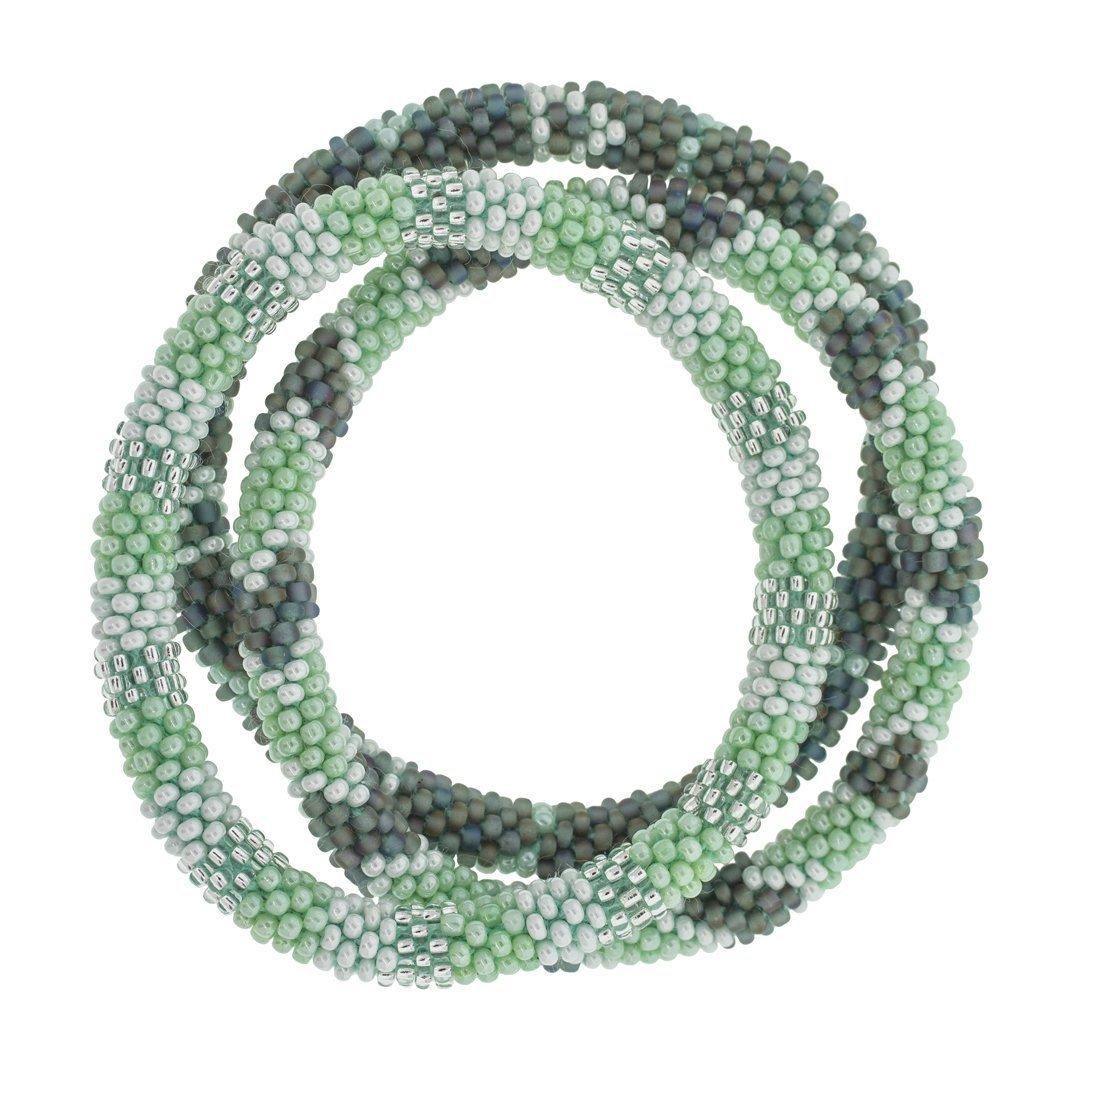 3 sæt Perle armbånd Sea